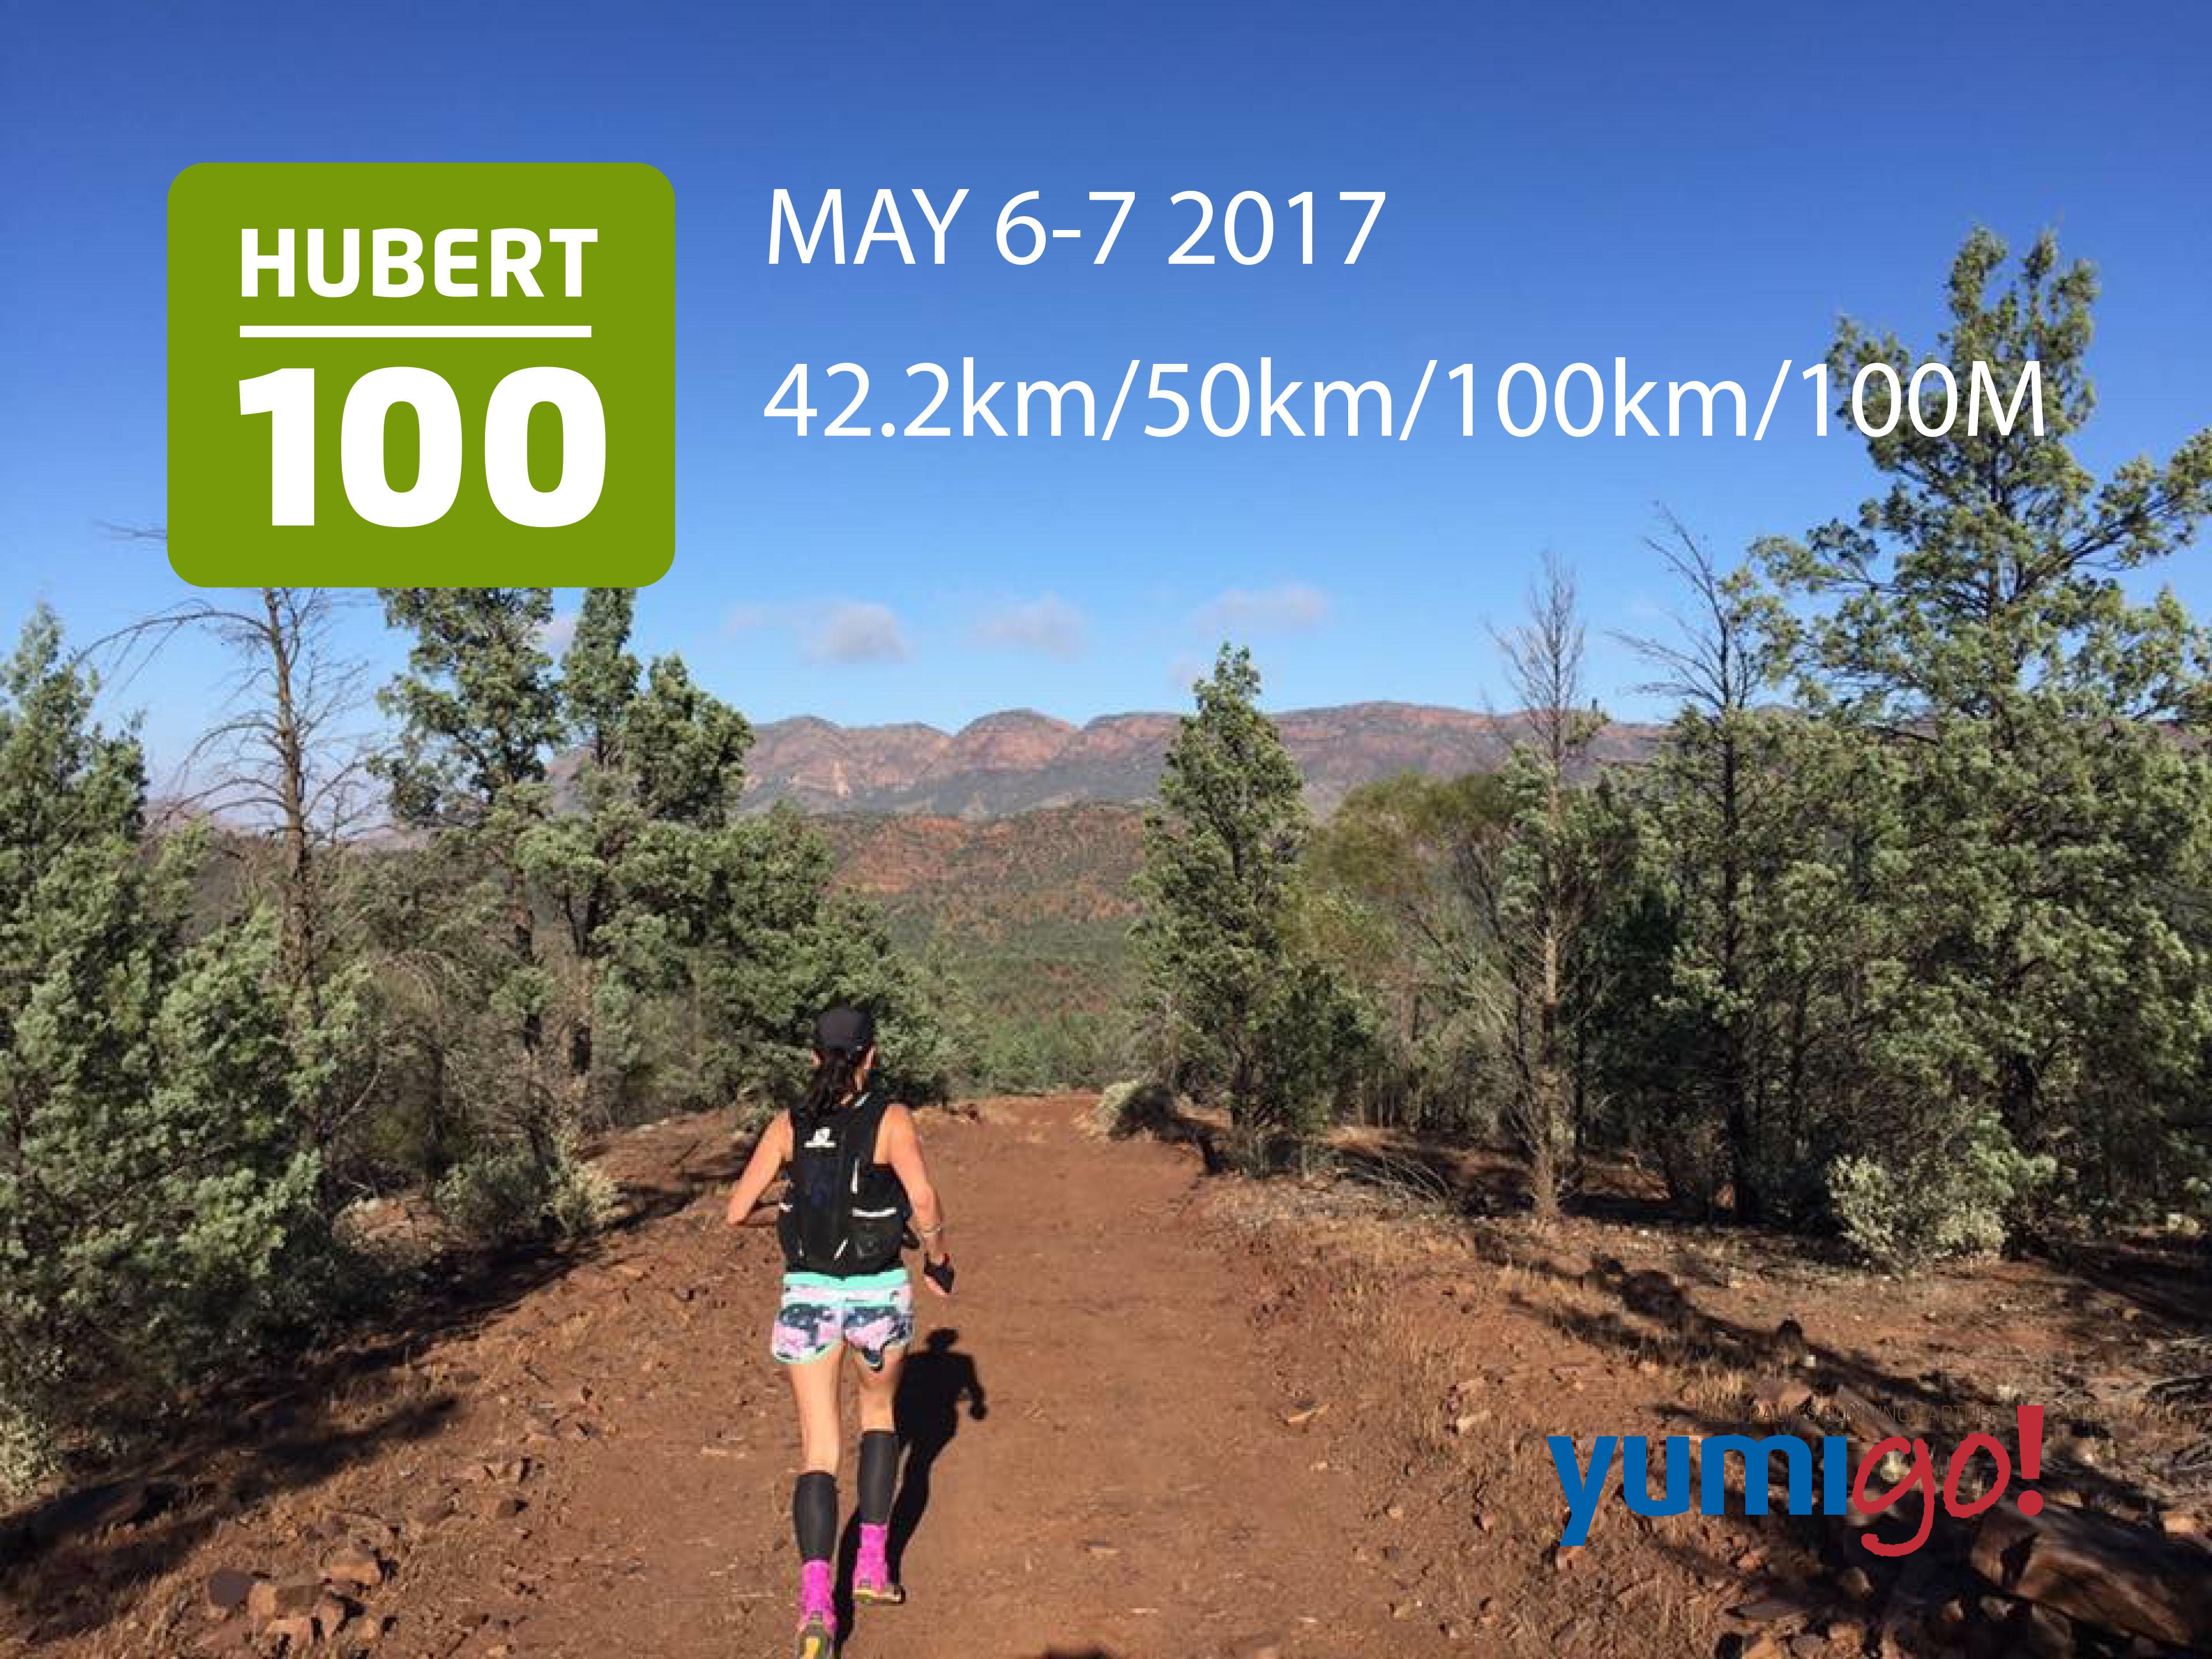 The Hubert 100 2017